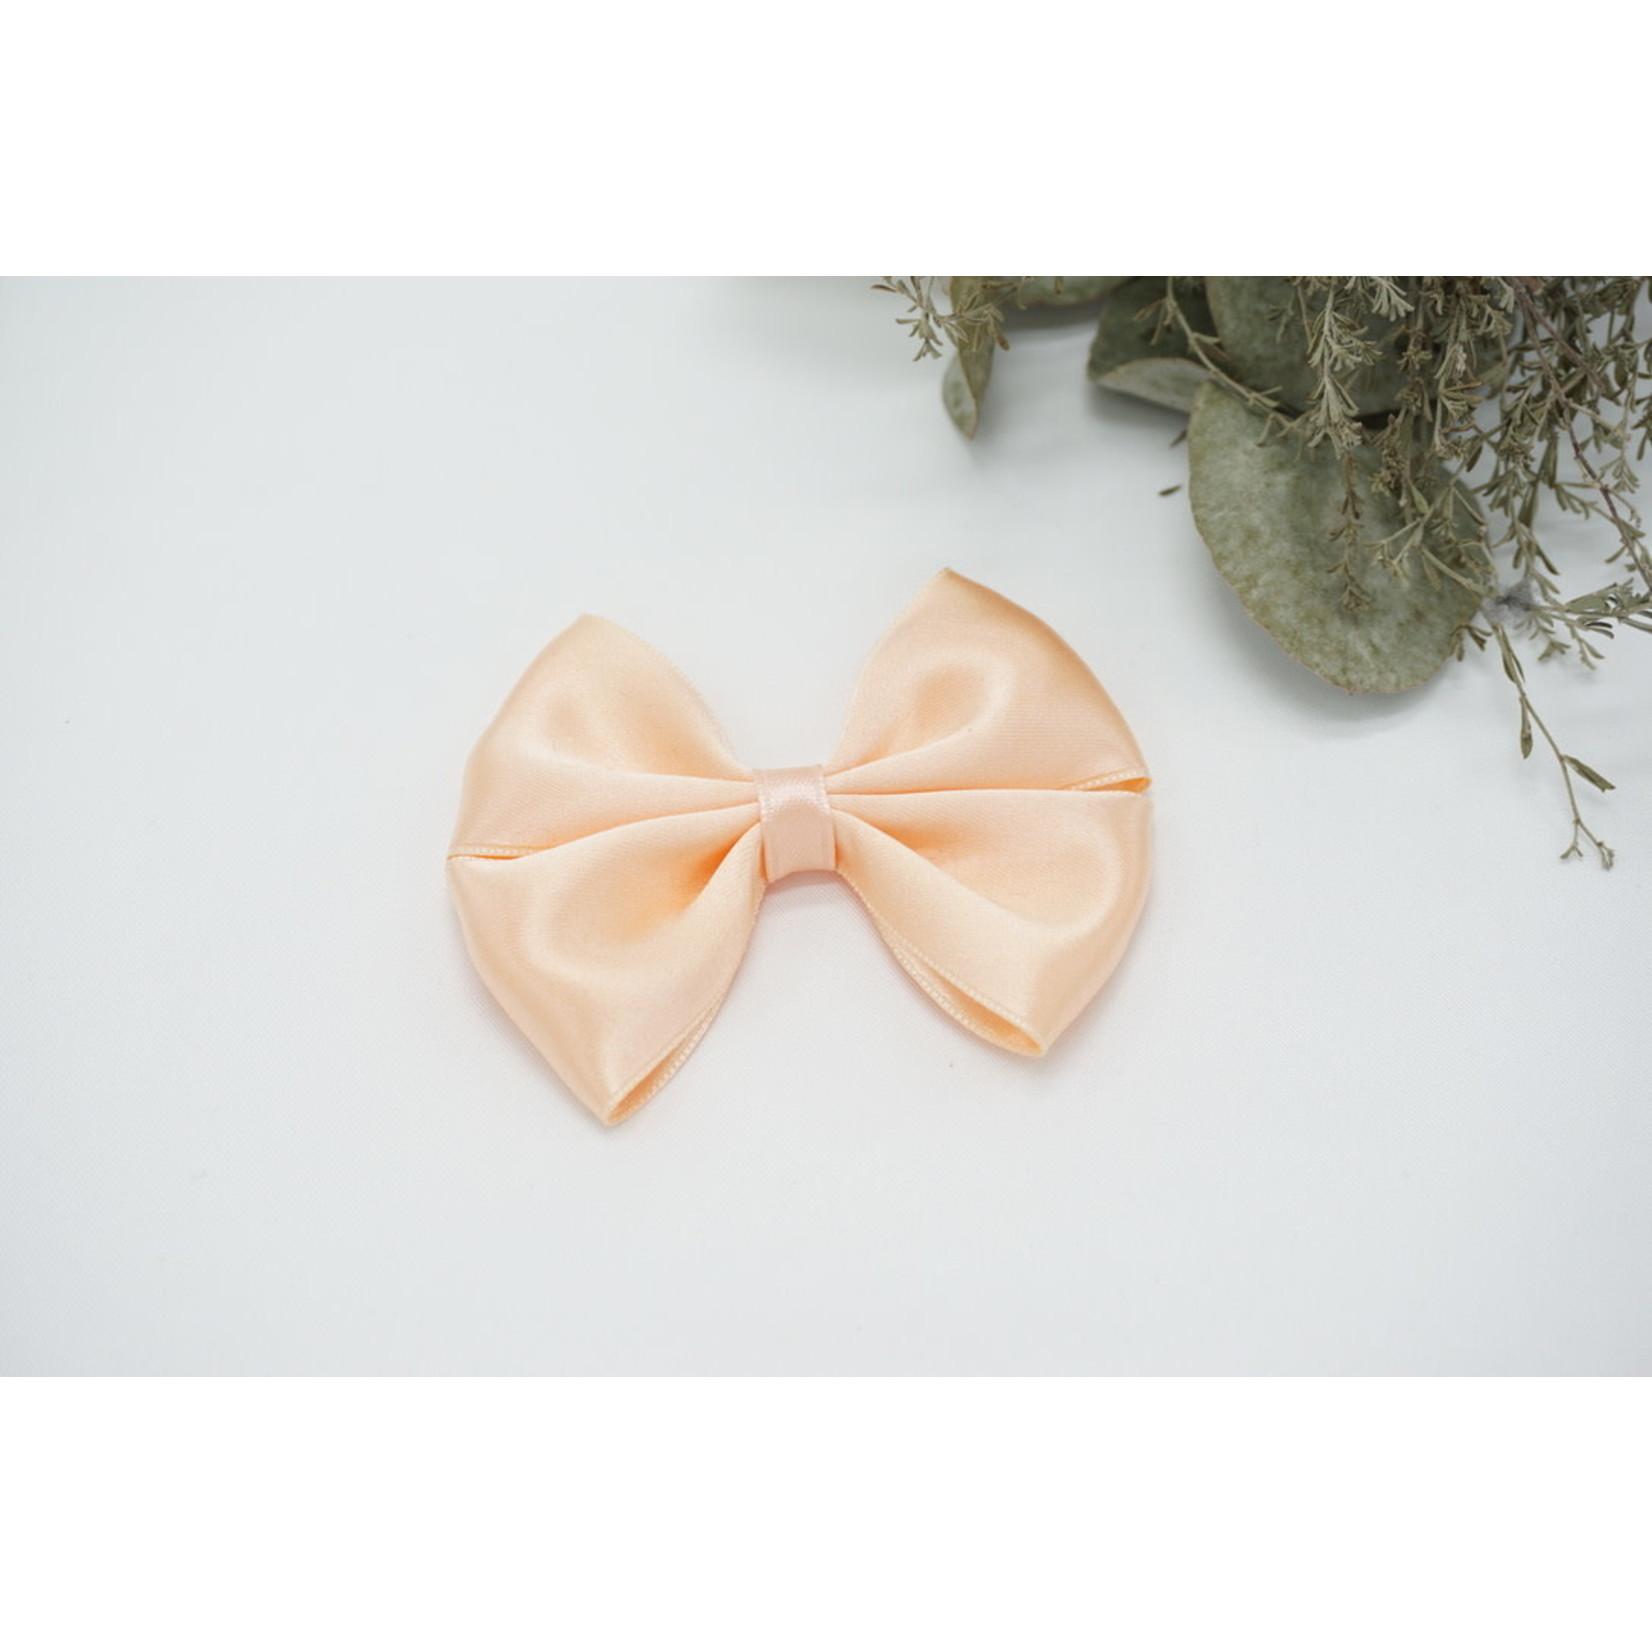 Petite Zara Satin Bow - Salmon